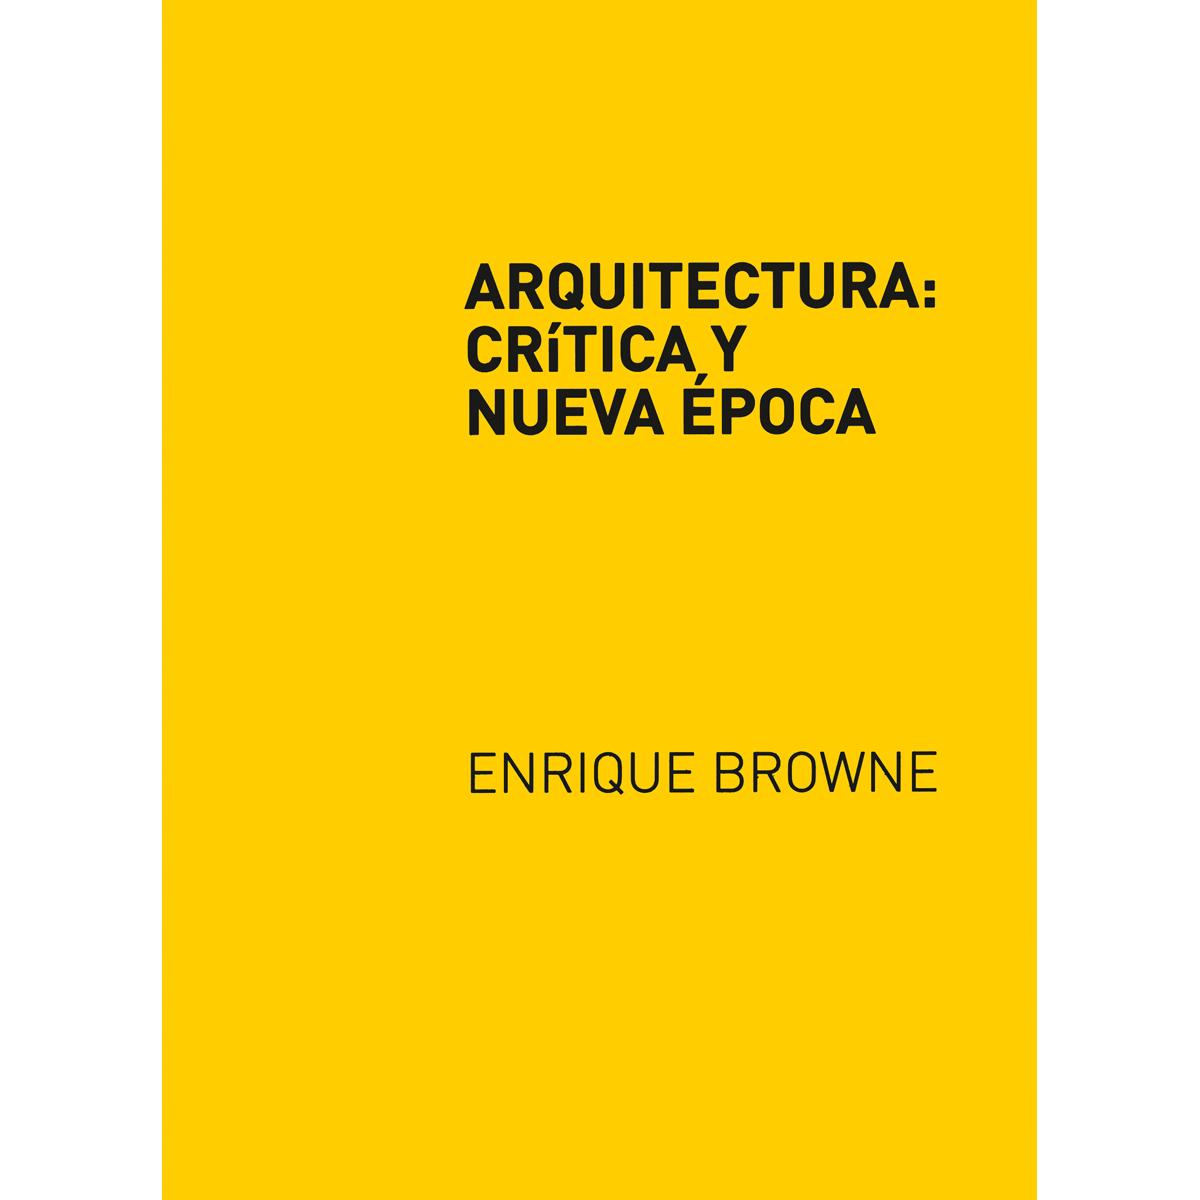 Arquitectura: crítica y nueva época